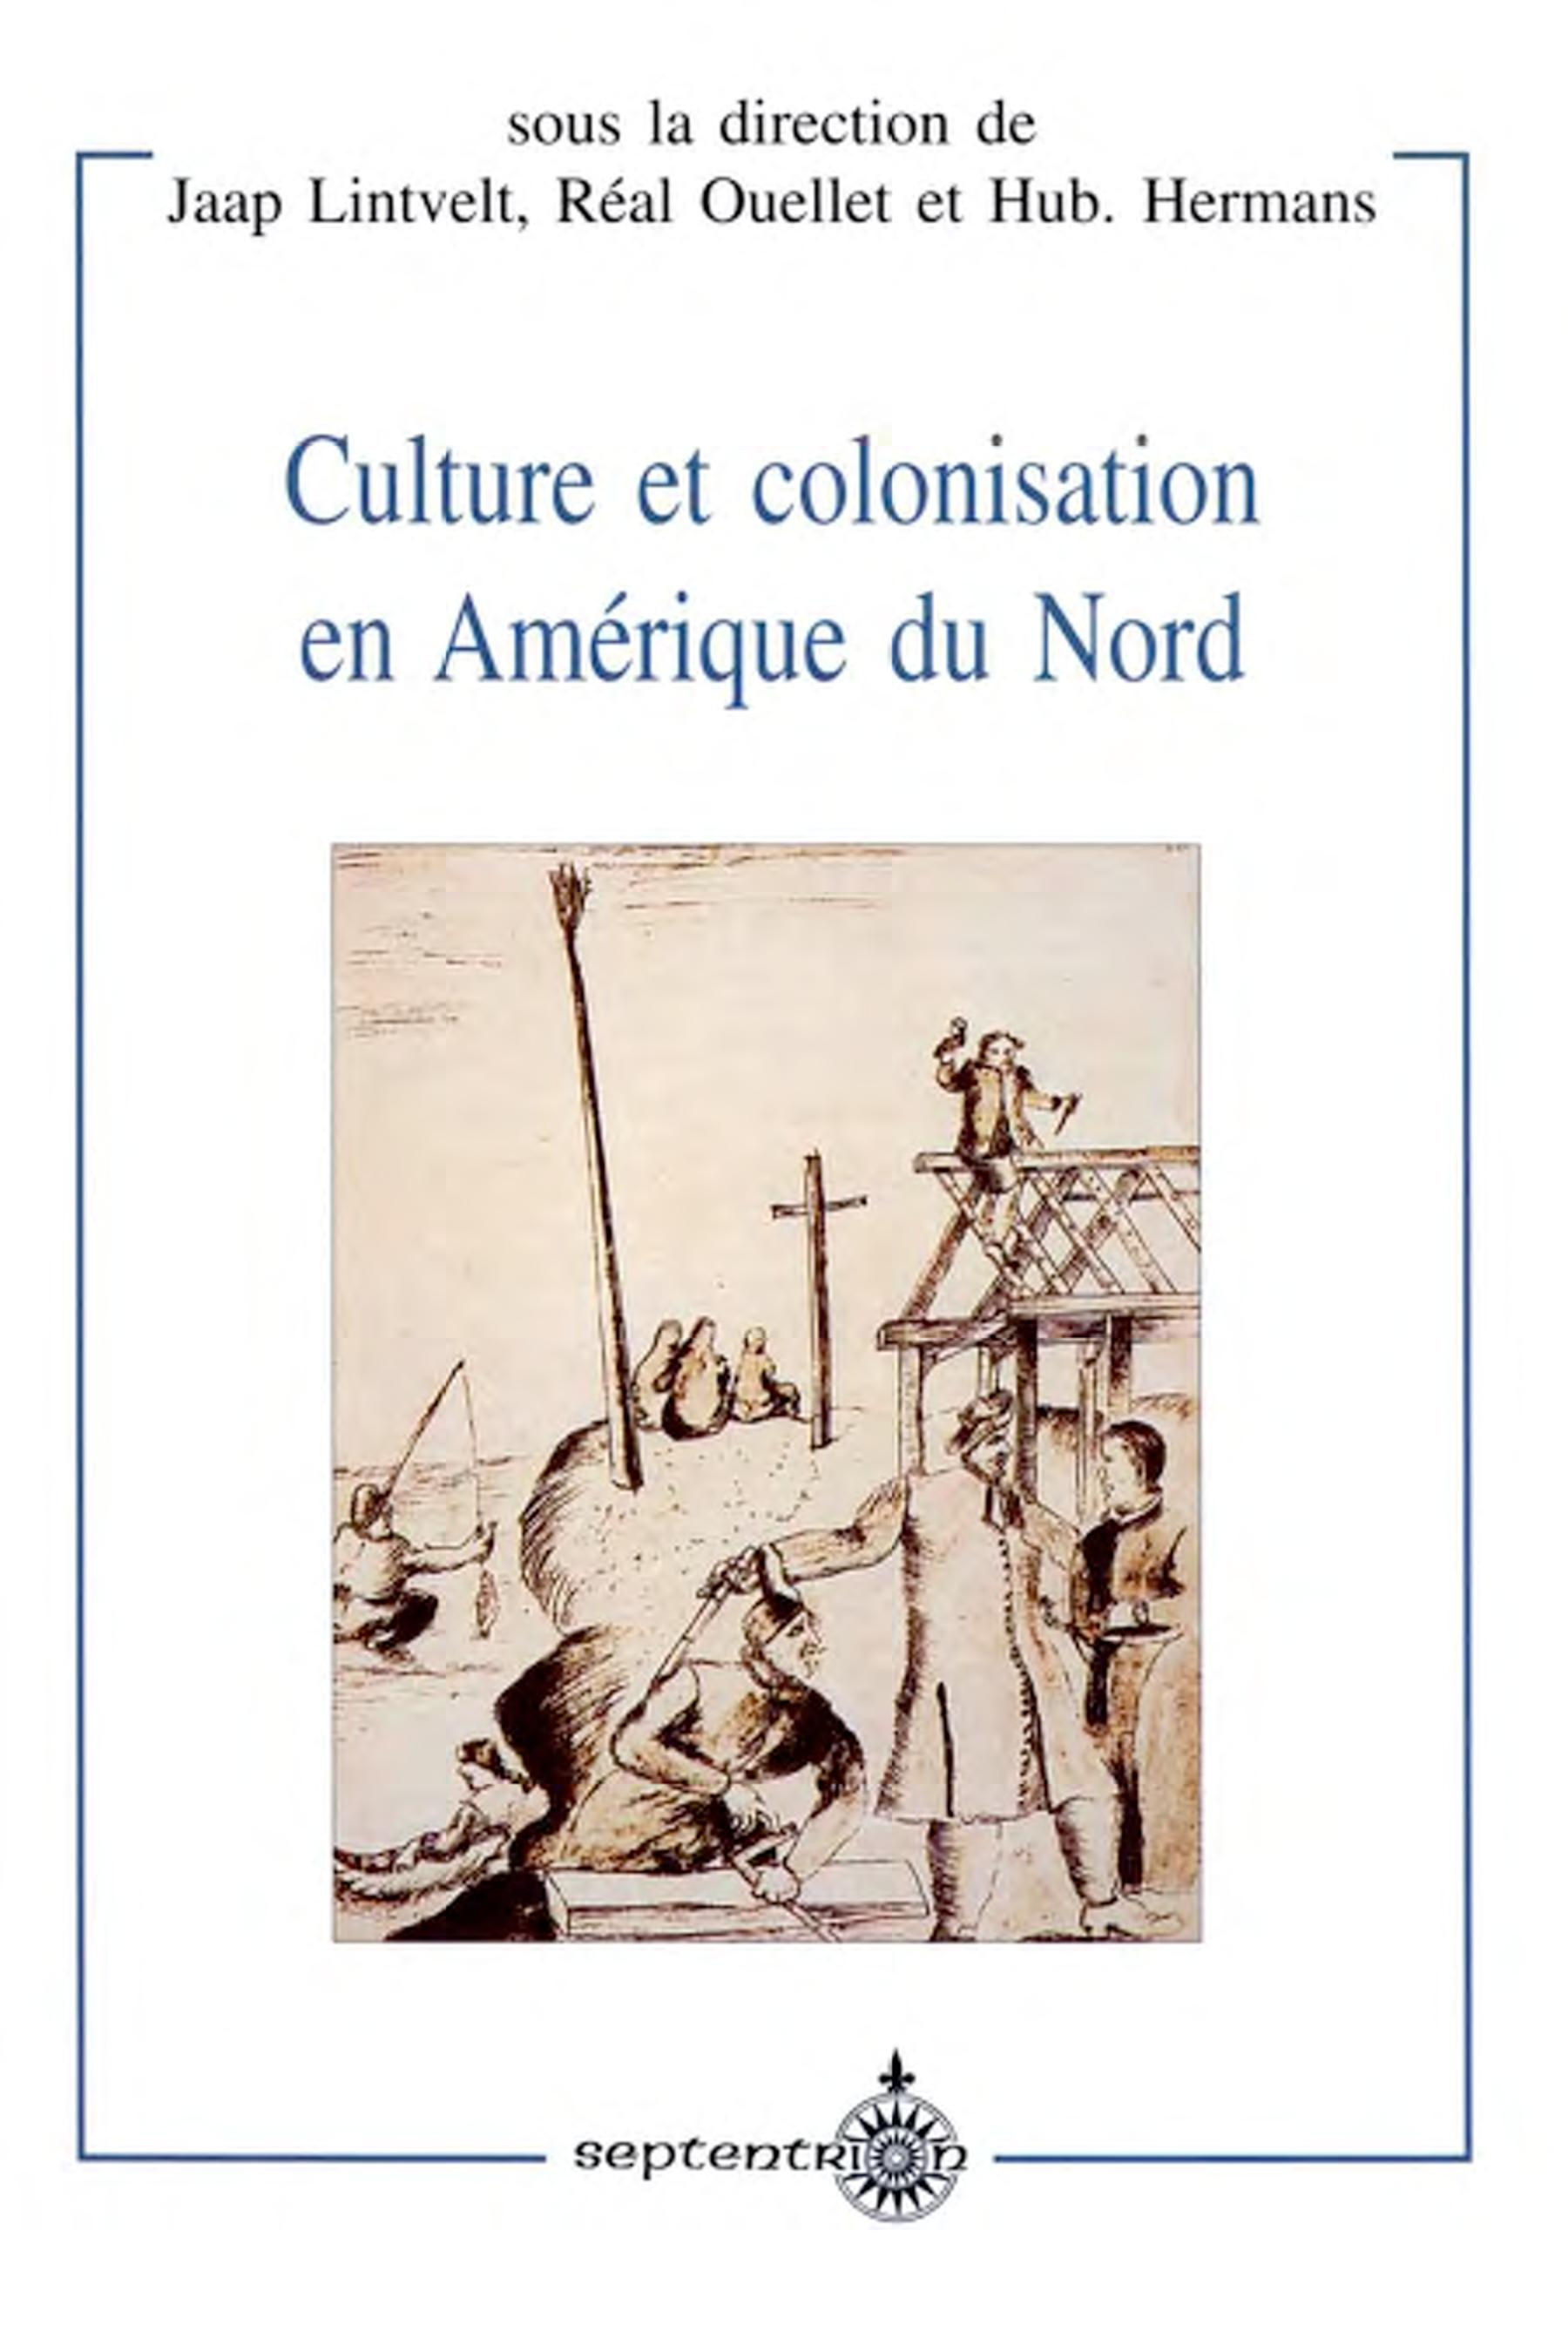 Culture et colonisation en Amérique du Nord